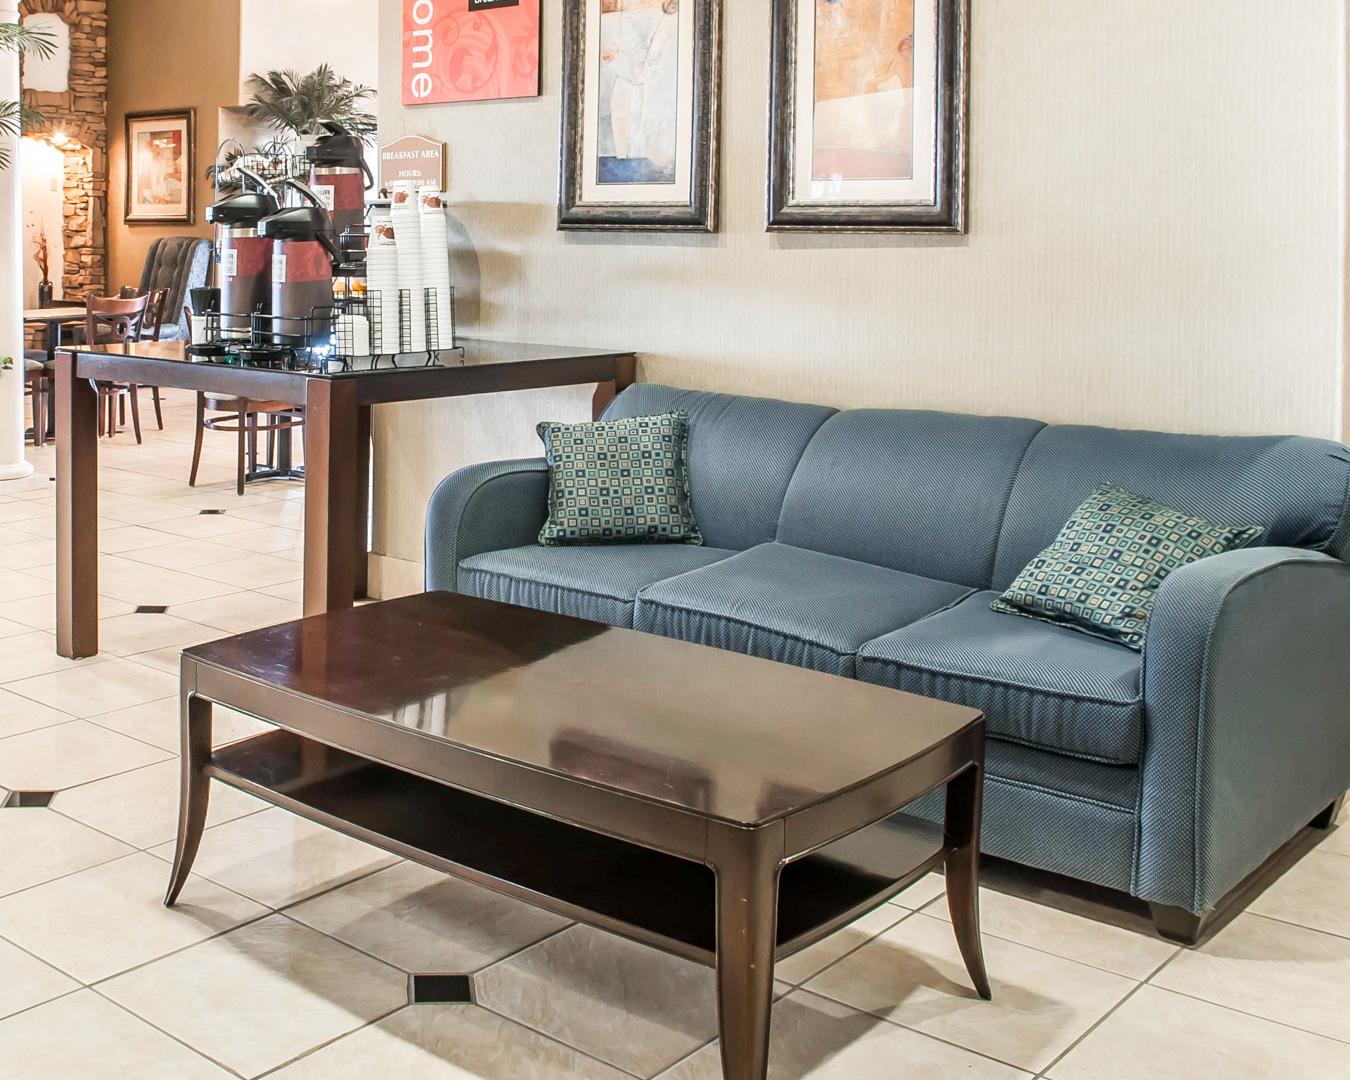 Comfort Inn & Suites, Lordsburg NM